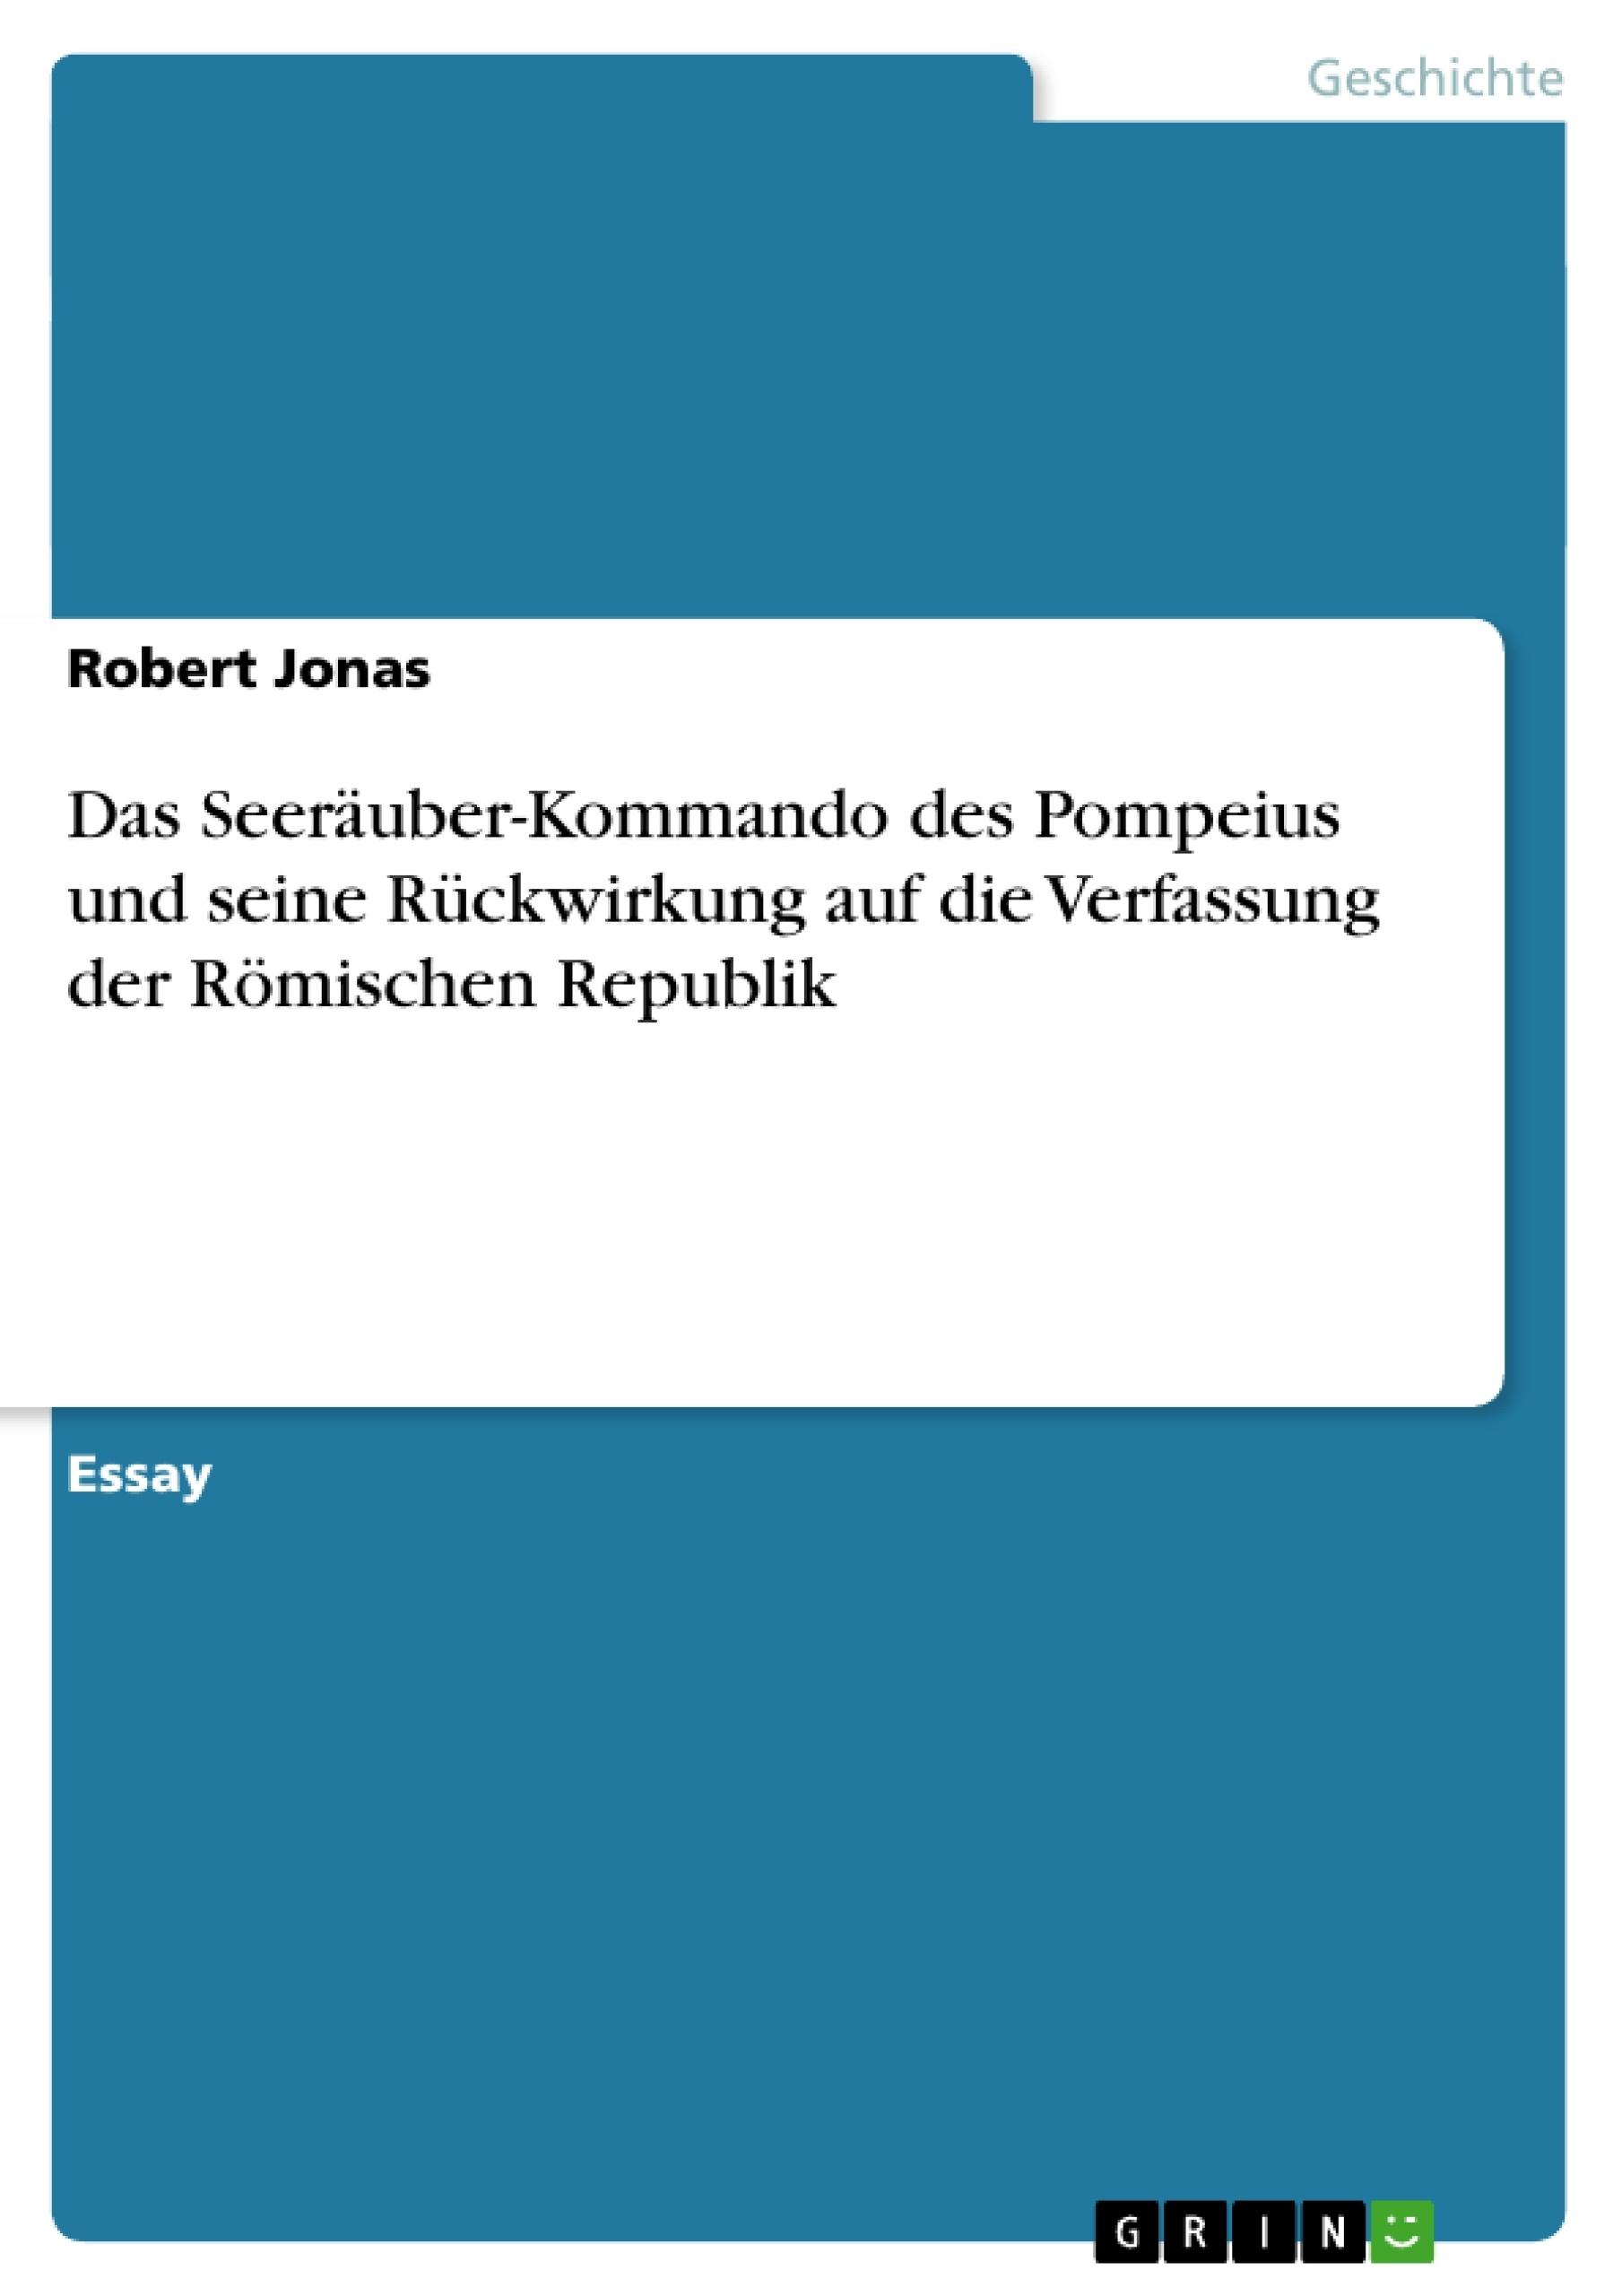 Titel: Das Seeräuber-Kommando des Pompeius und seine Rückwirkung auf die Verfassung der Römischen Republik